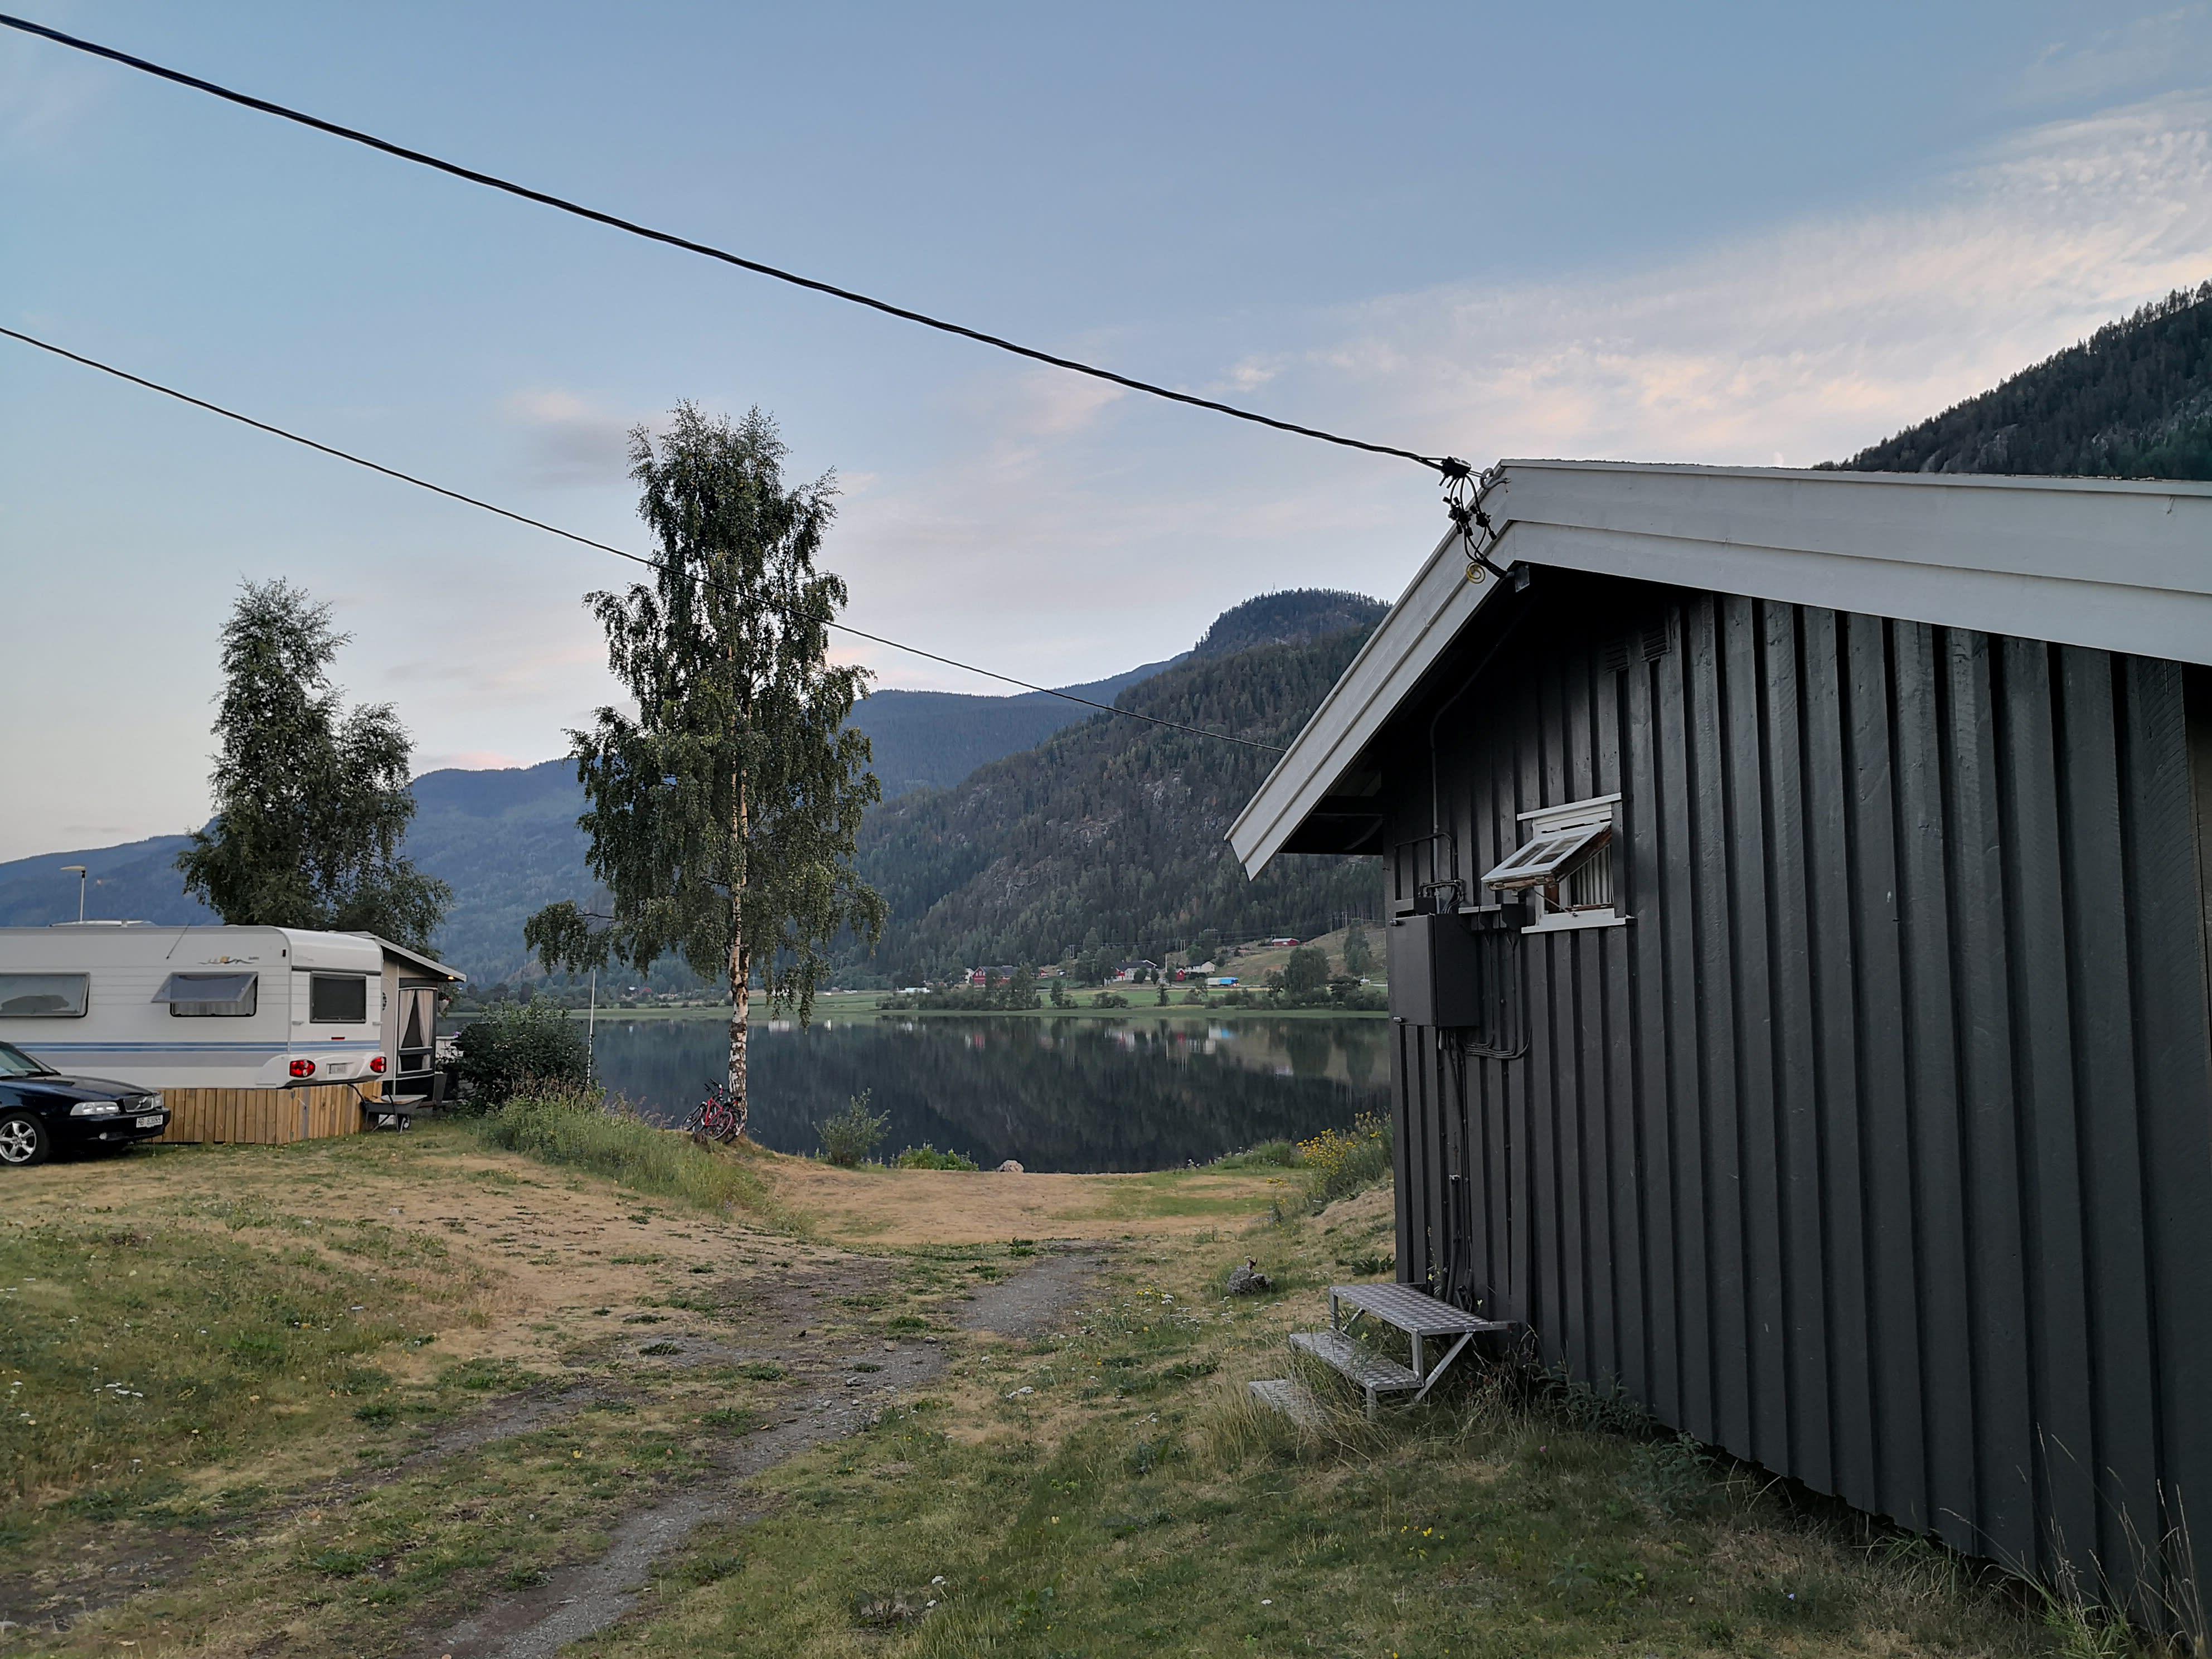 Liodden Camping